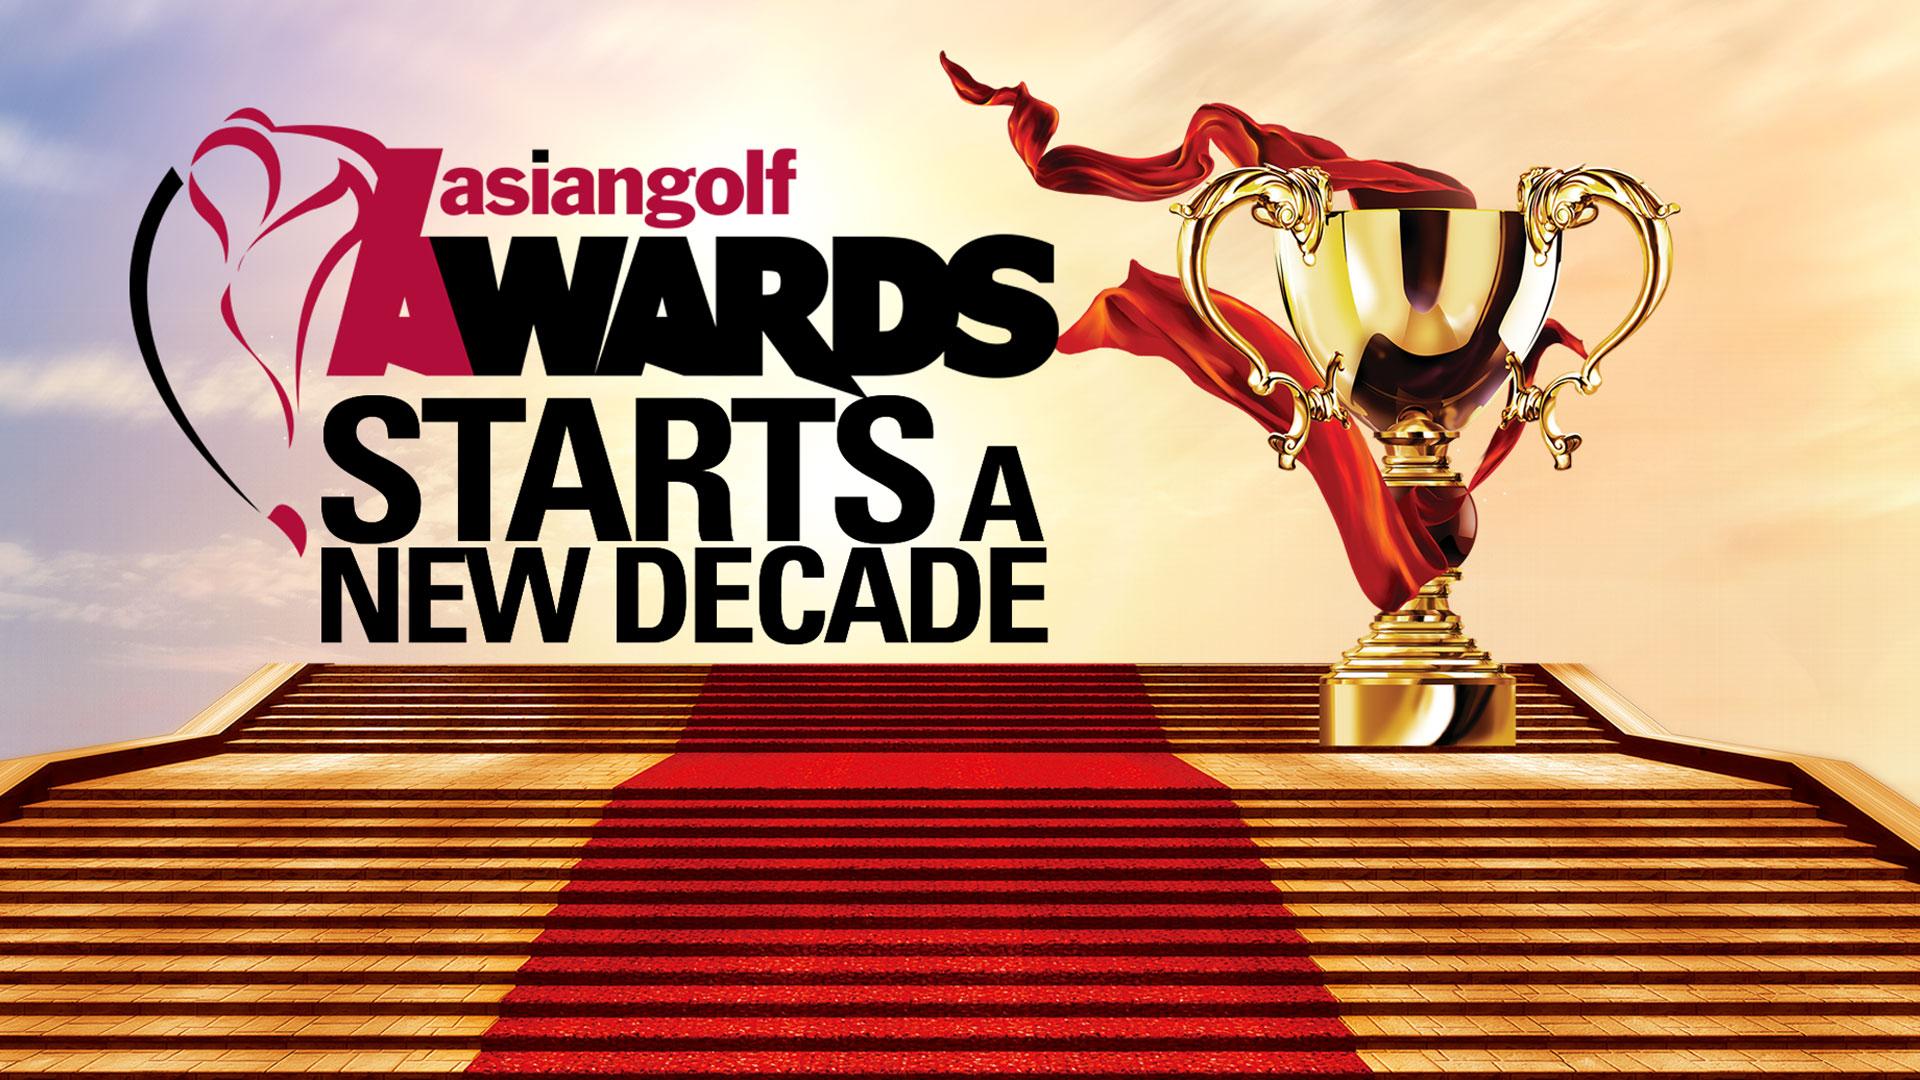 ASIAN GOLF AWARDS START A NEW DECADE